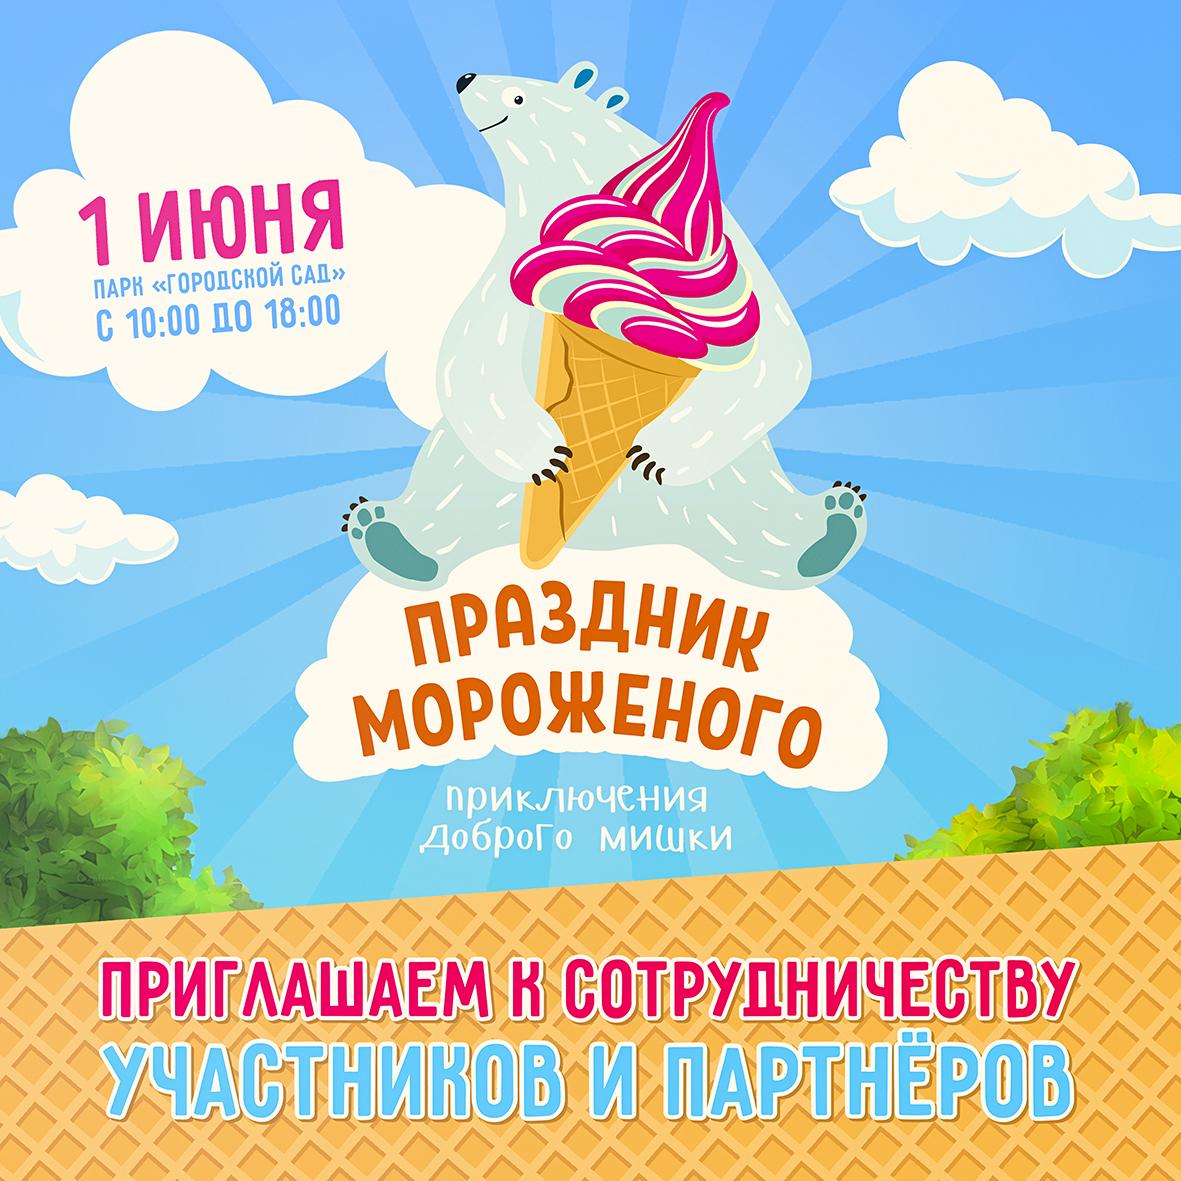 PrazdnikMorozhenogo_sotrudn